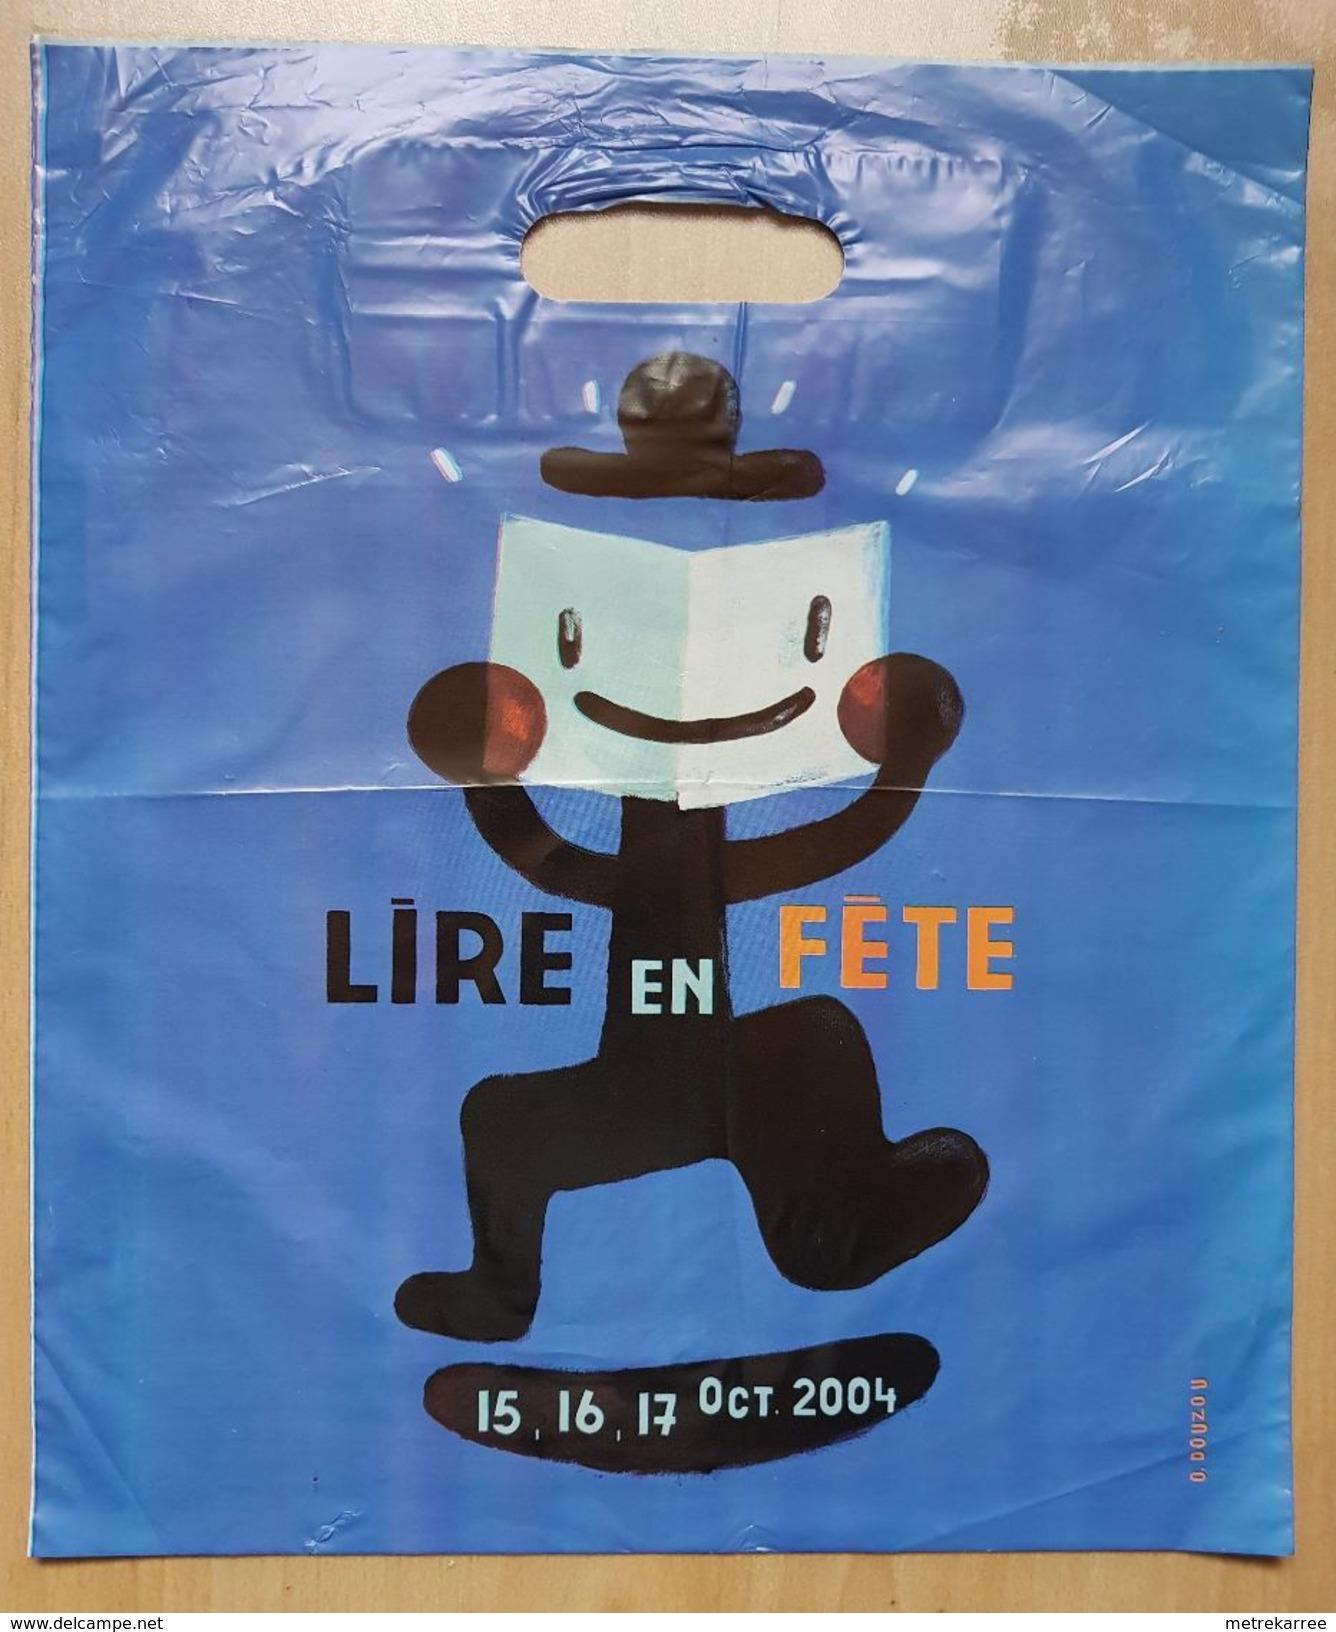 Sac/zak Lire En Fête 15, 16, 17 Oct 2004 (Douzou) - Boeken, Tijdschriften, Stripverhalen